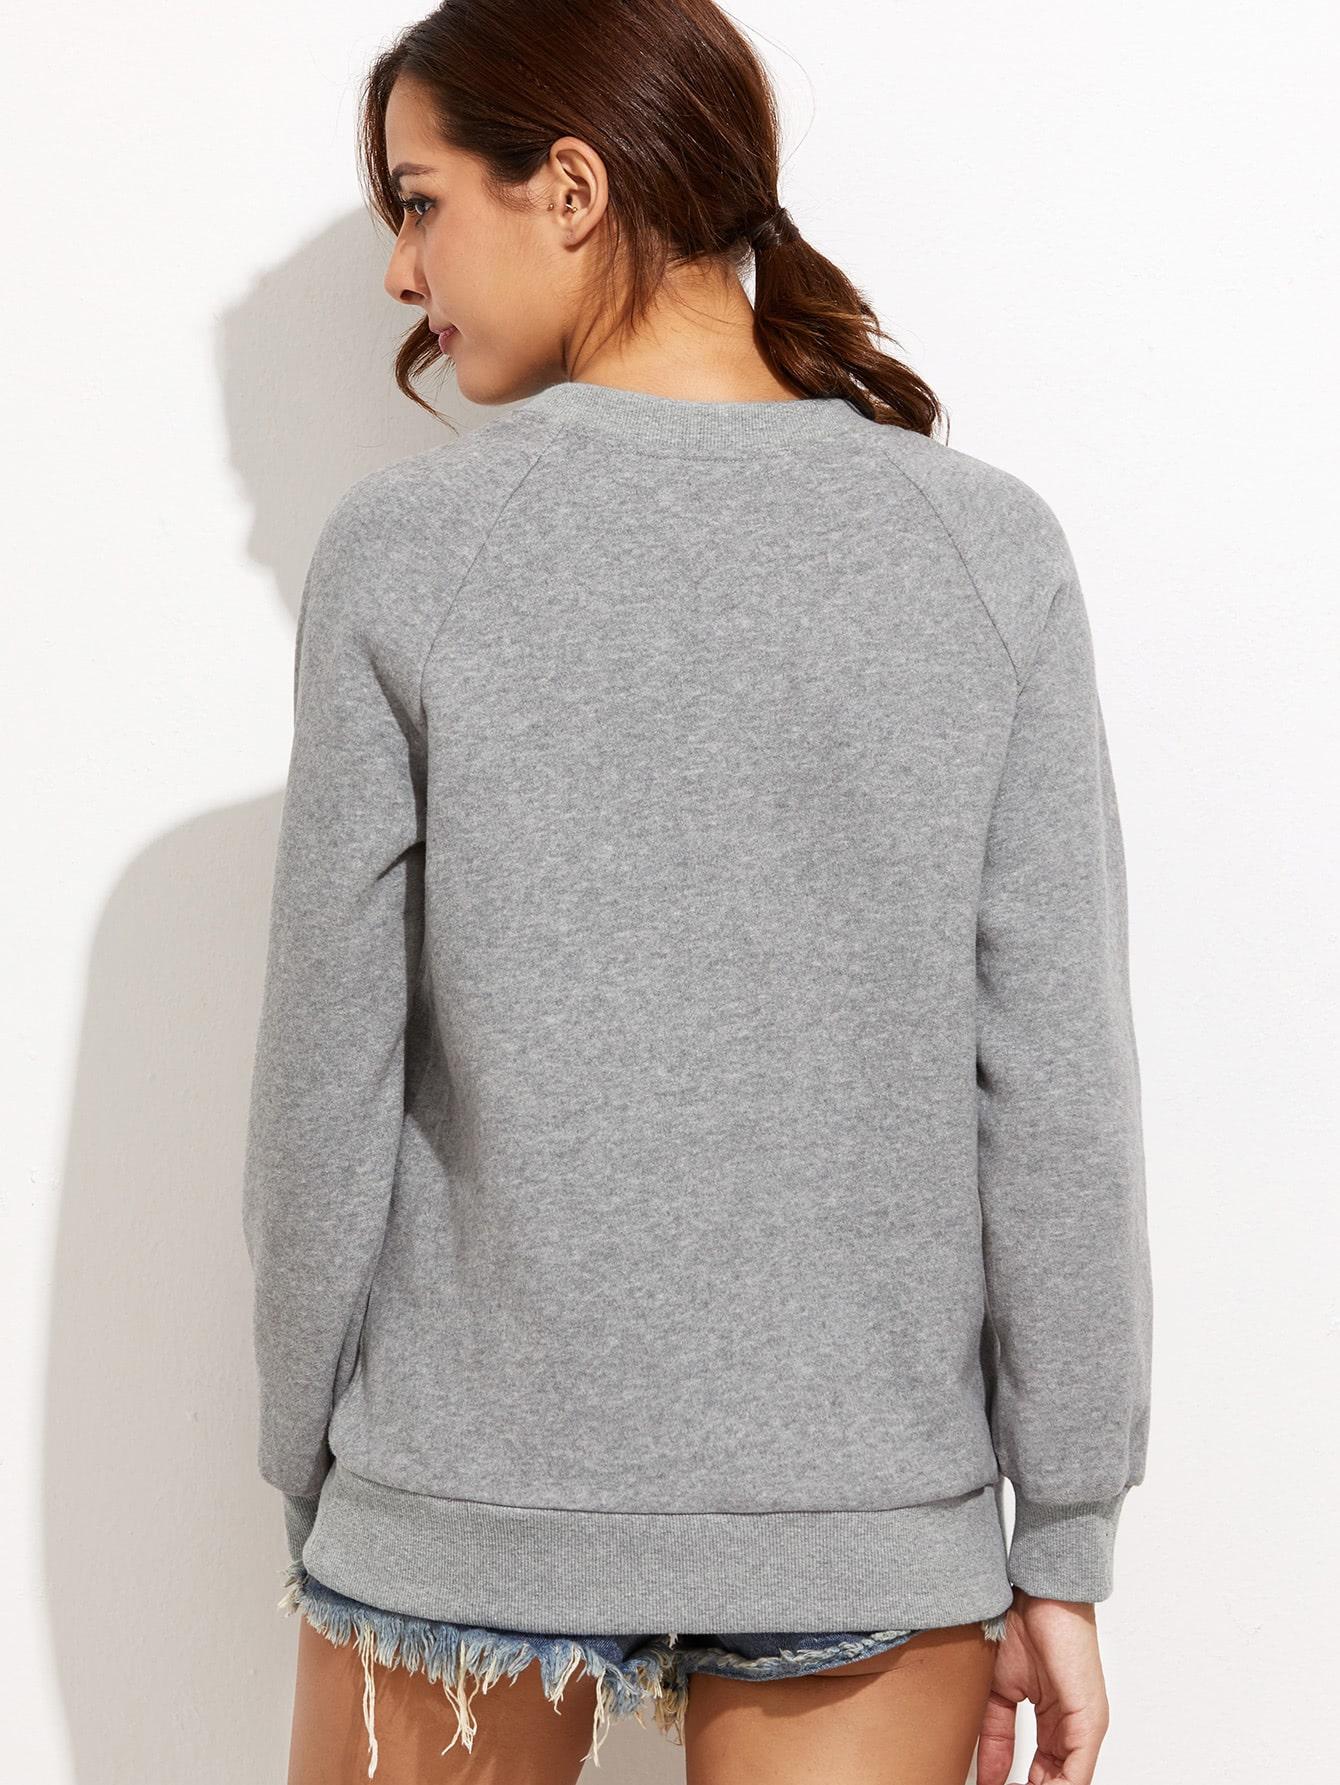 sweatshirt161004701_2